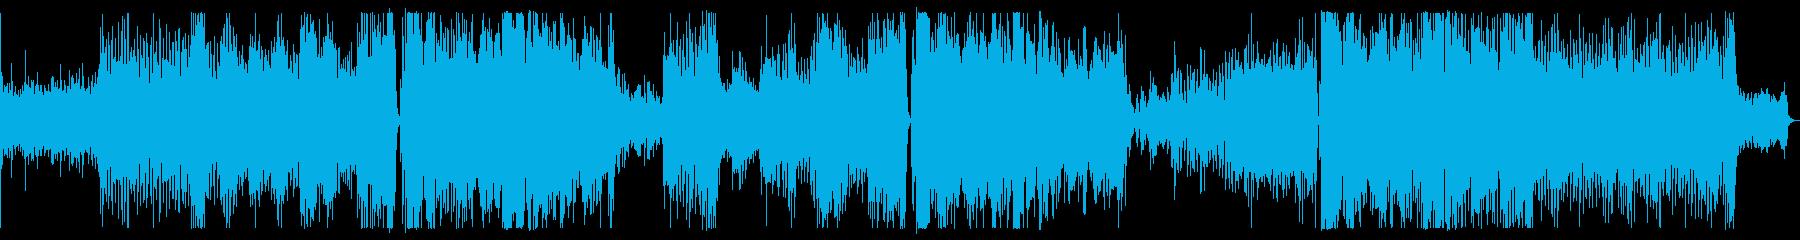 ラテン系の4つ打ち曲です。の再生済みの波形